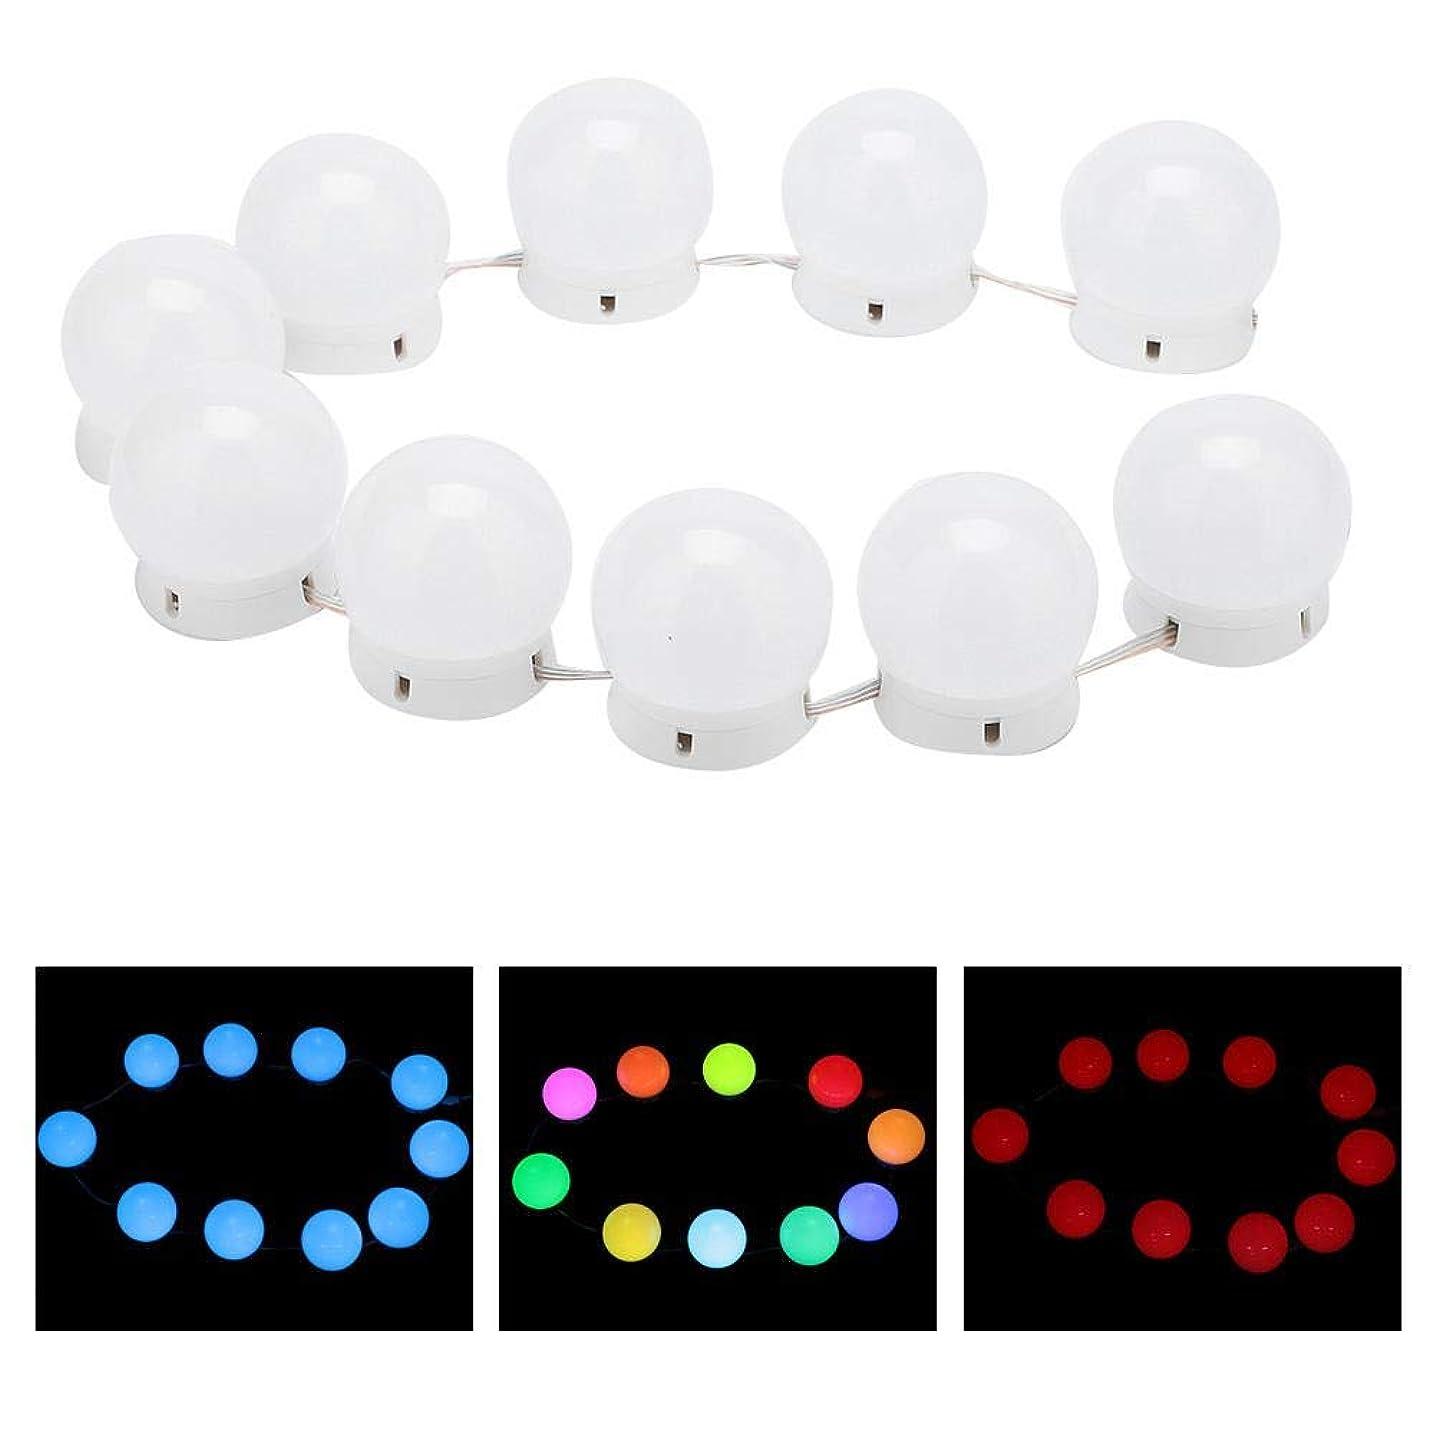 合併症スリップキャラクター化粧鏡ラ??イトキット 10 LED付き調 光ライトストリング電球バニティライト化粧鏡に最適 バスルームの照明